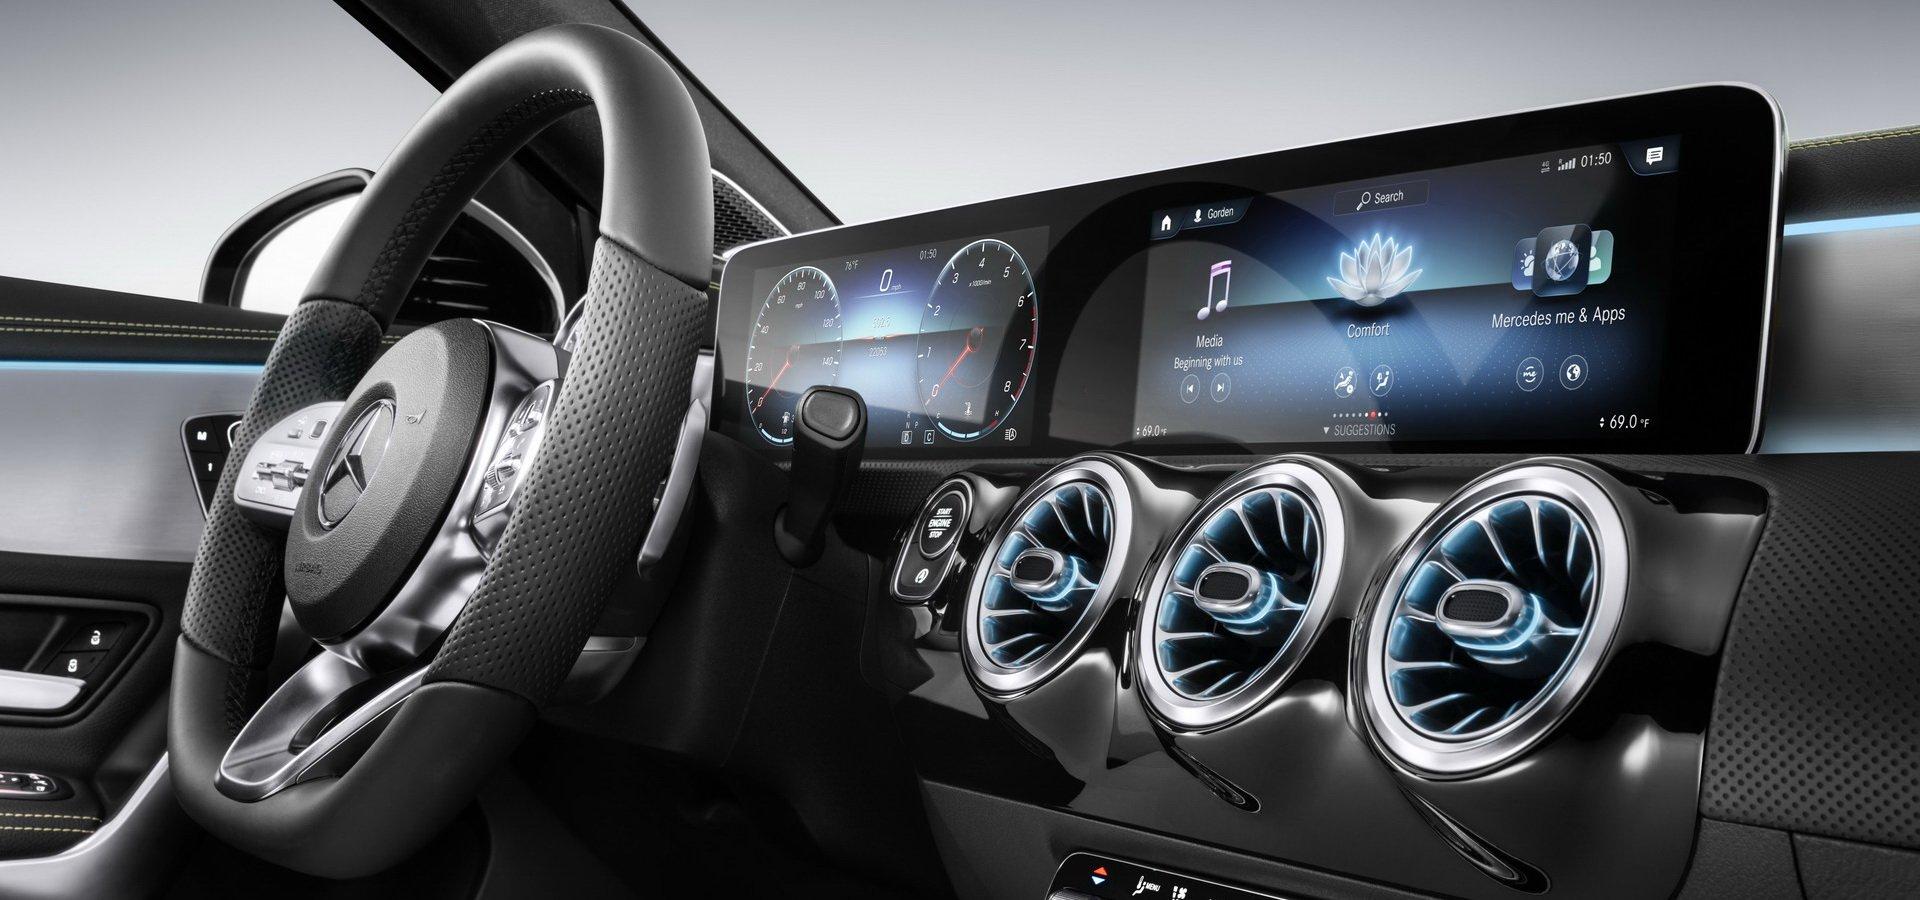 Mercedes-Benz giới thiệu 10 tính năng công nghệ hàng đầu trong năm 2019 - 0